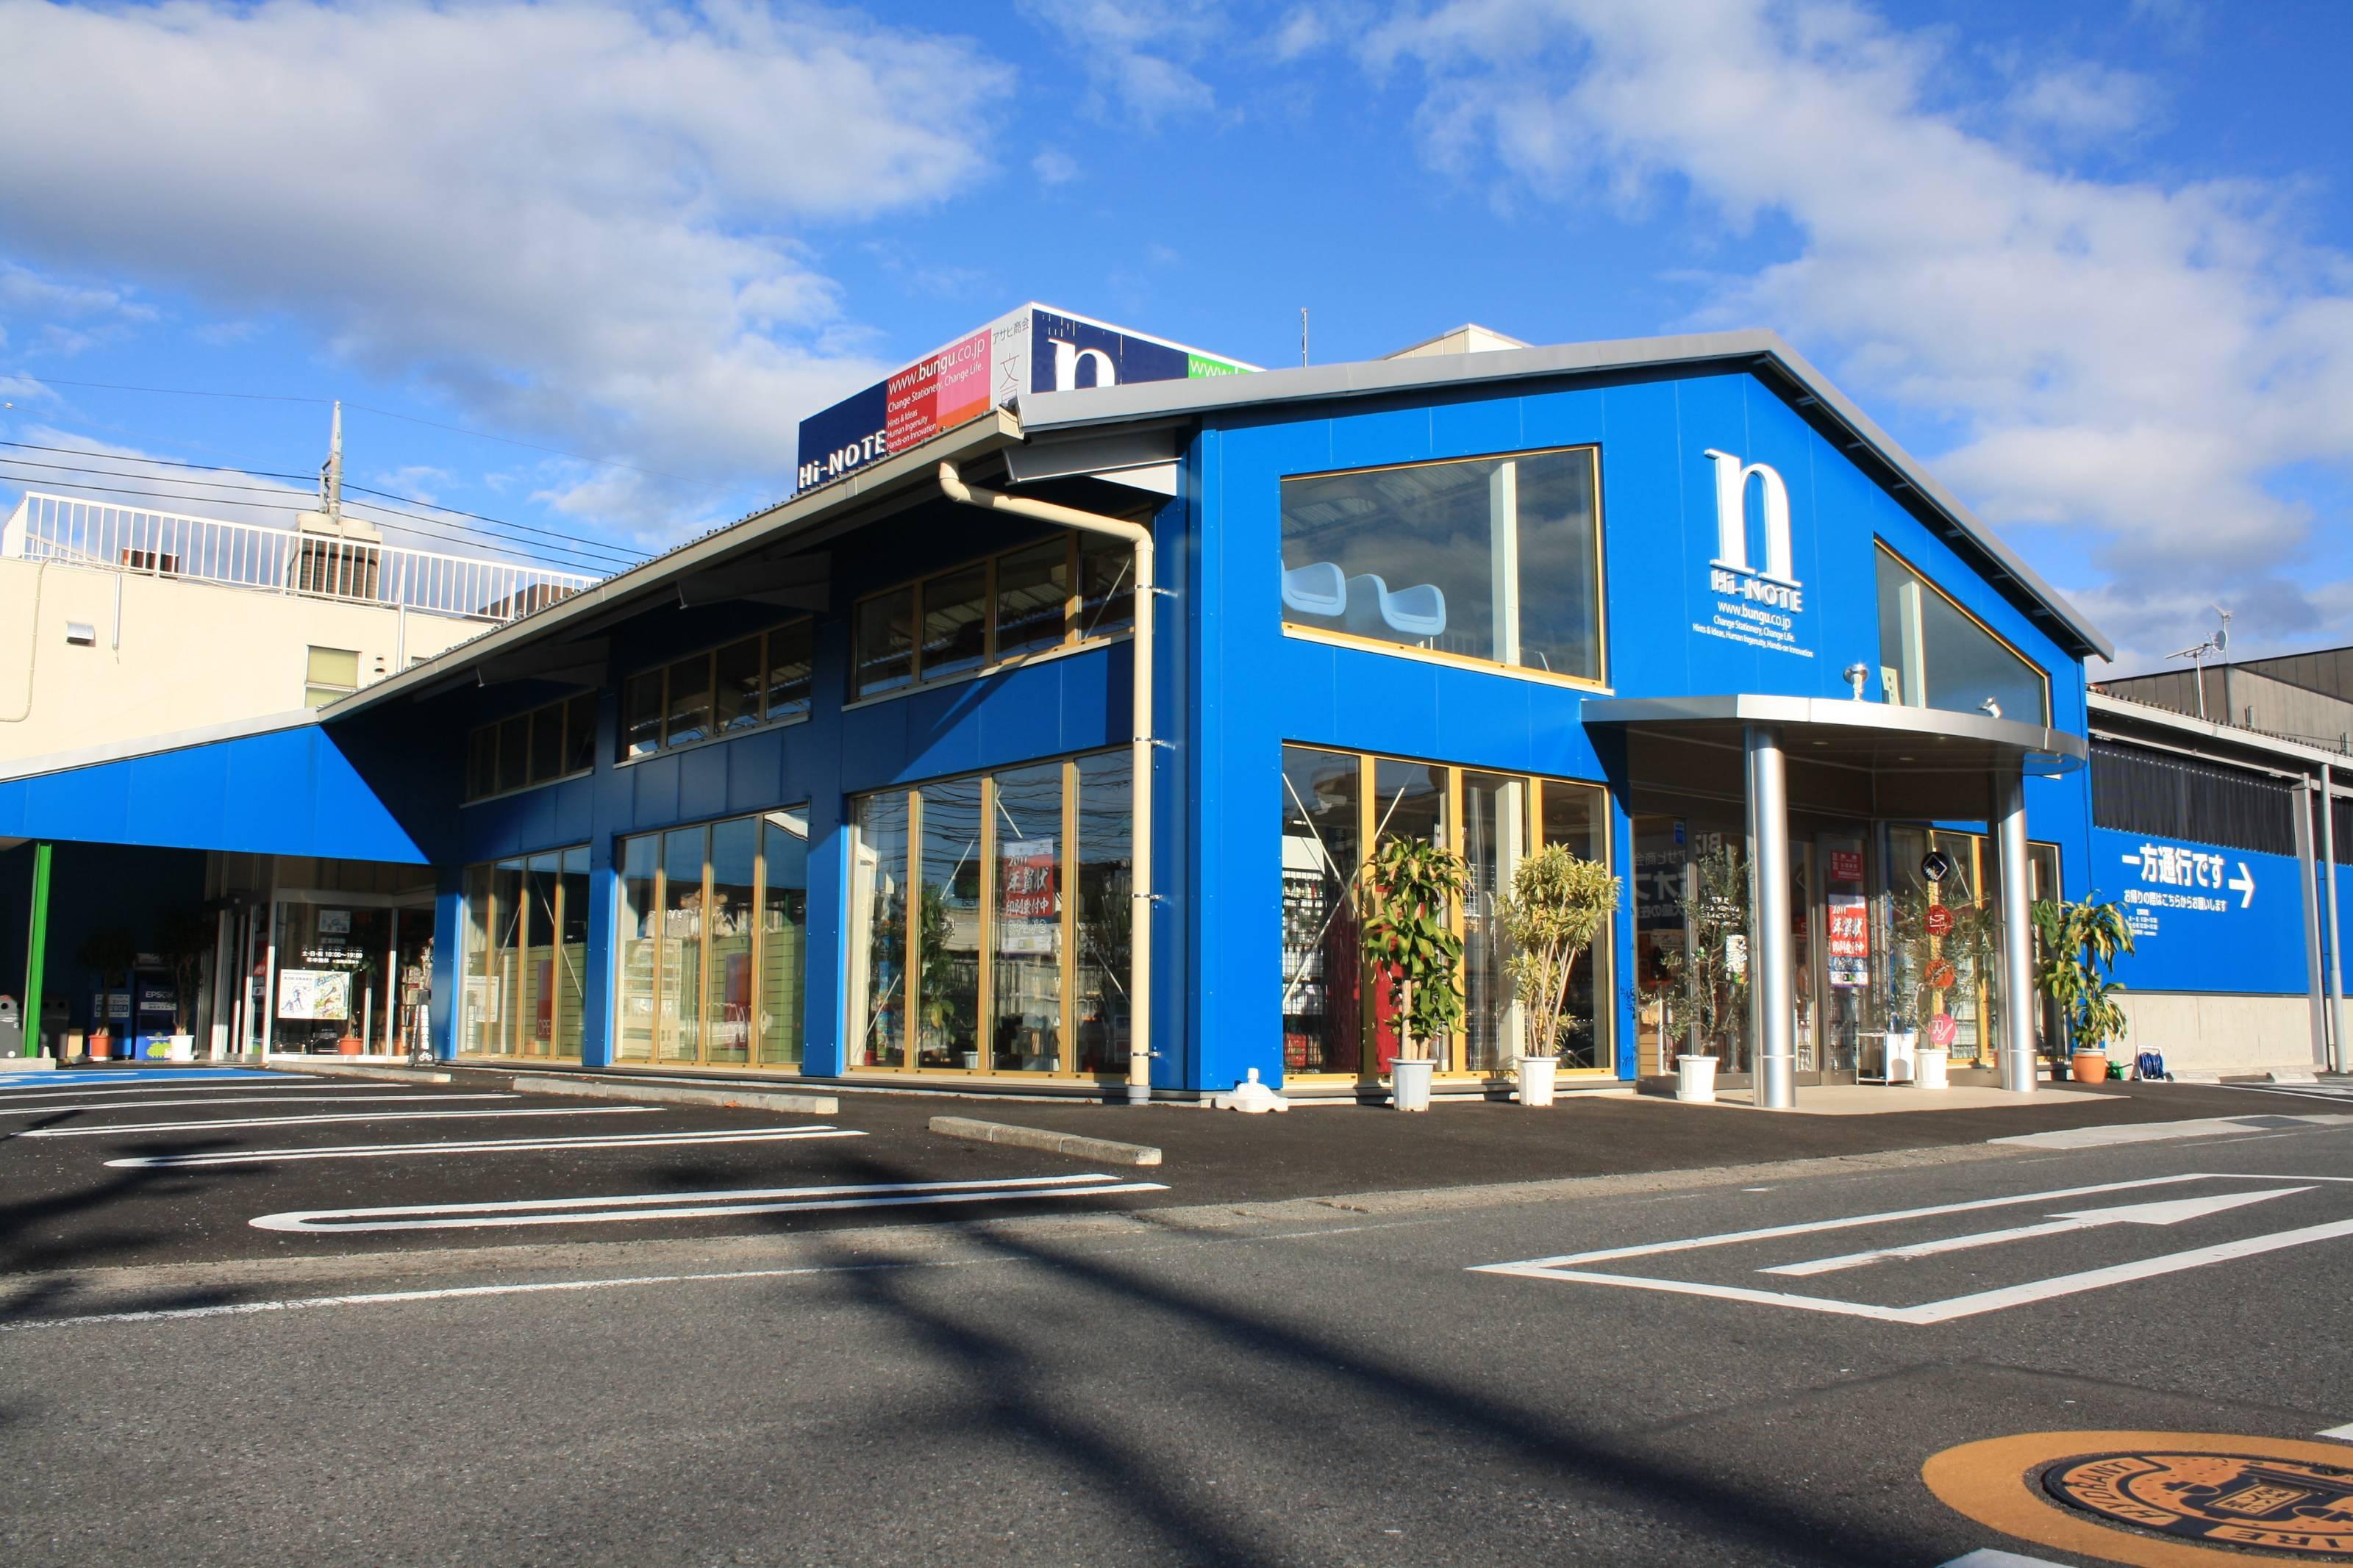 ハイノート高崎店